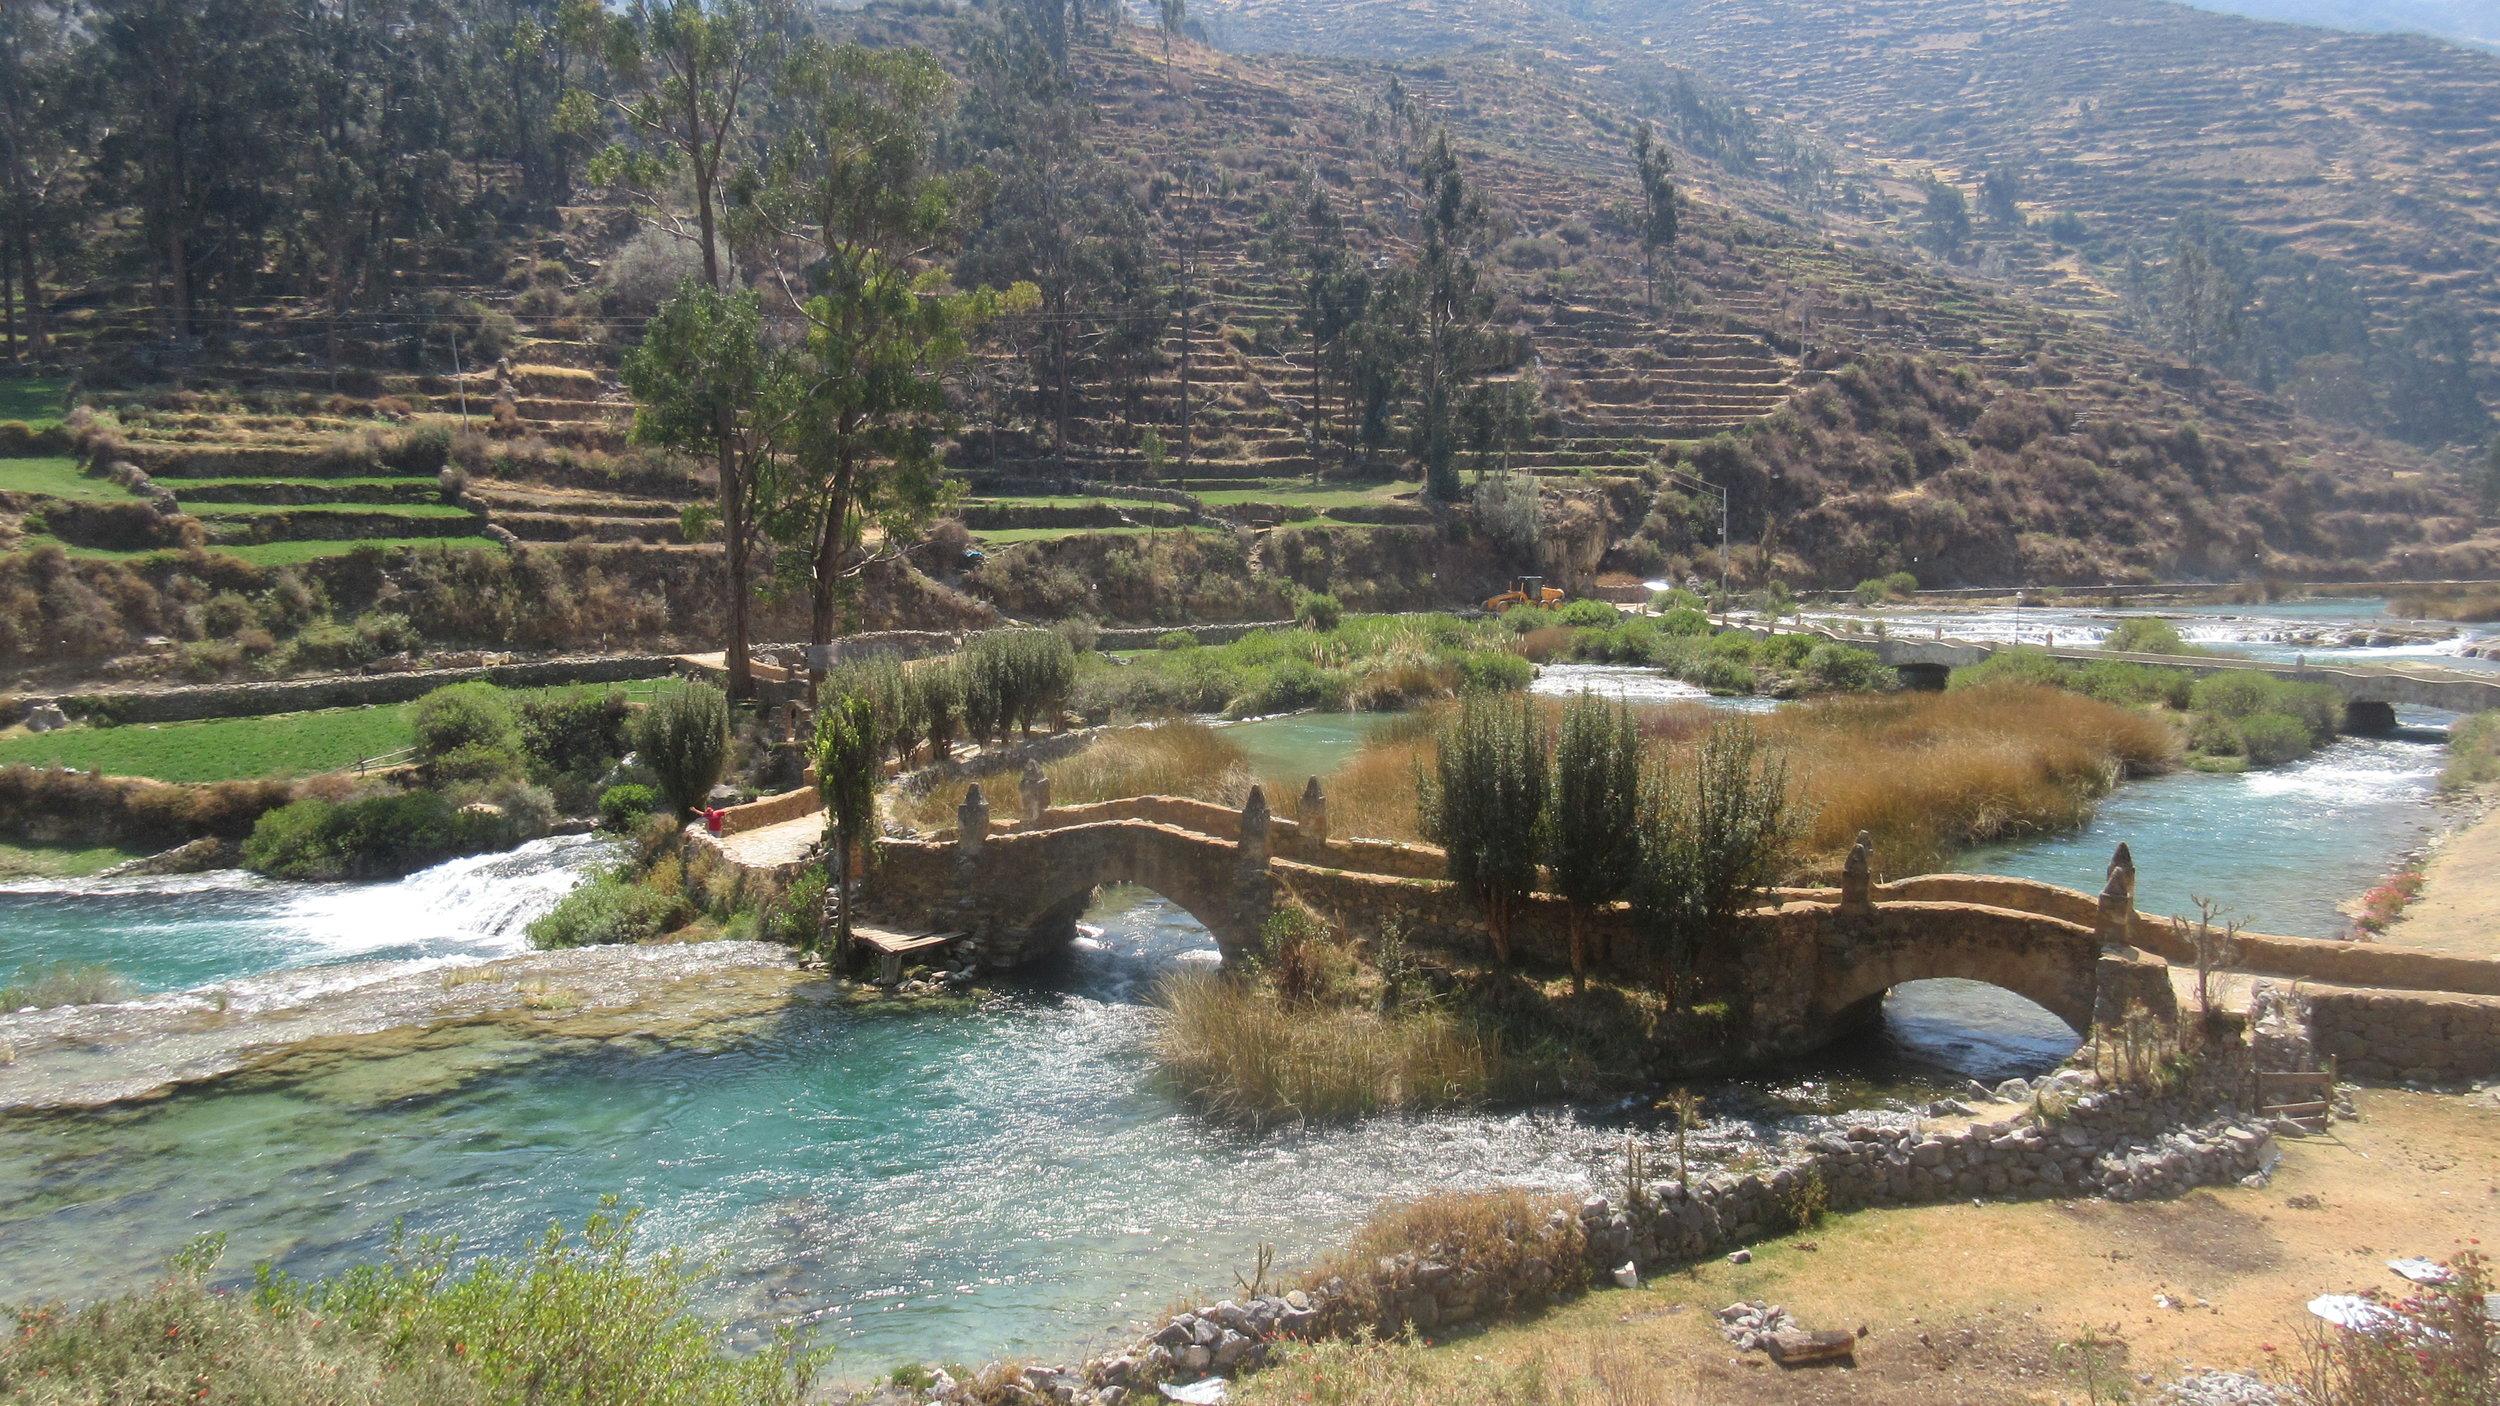 Puente_en_Vilca_-_Perú.jpg